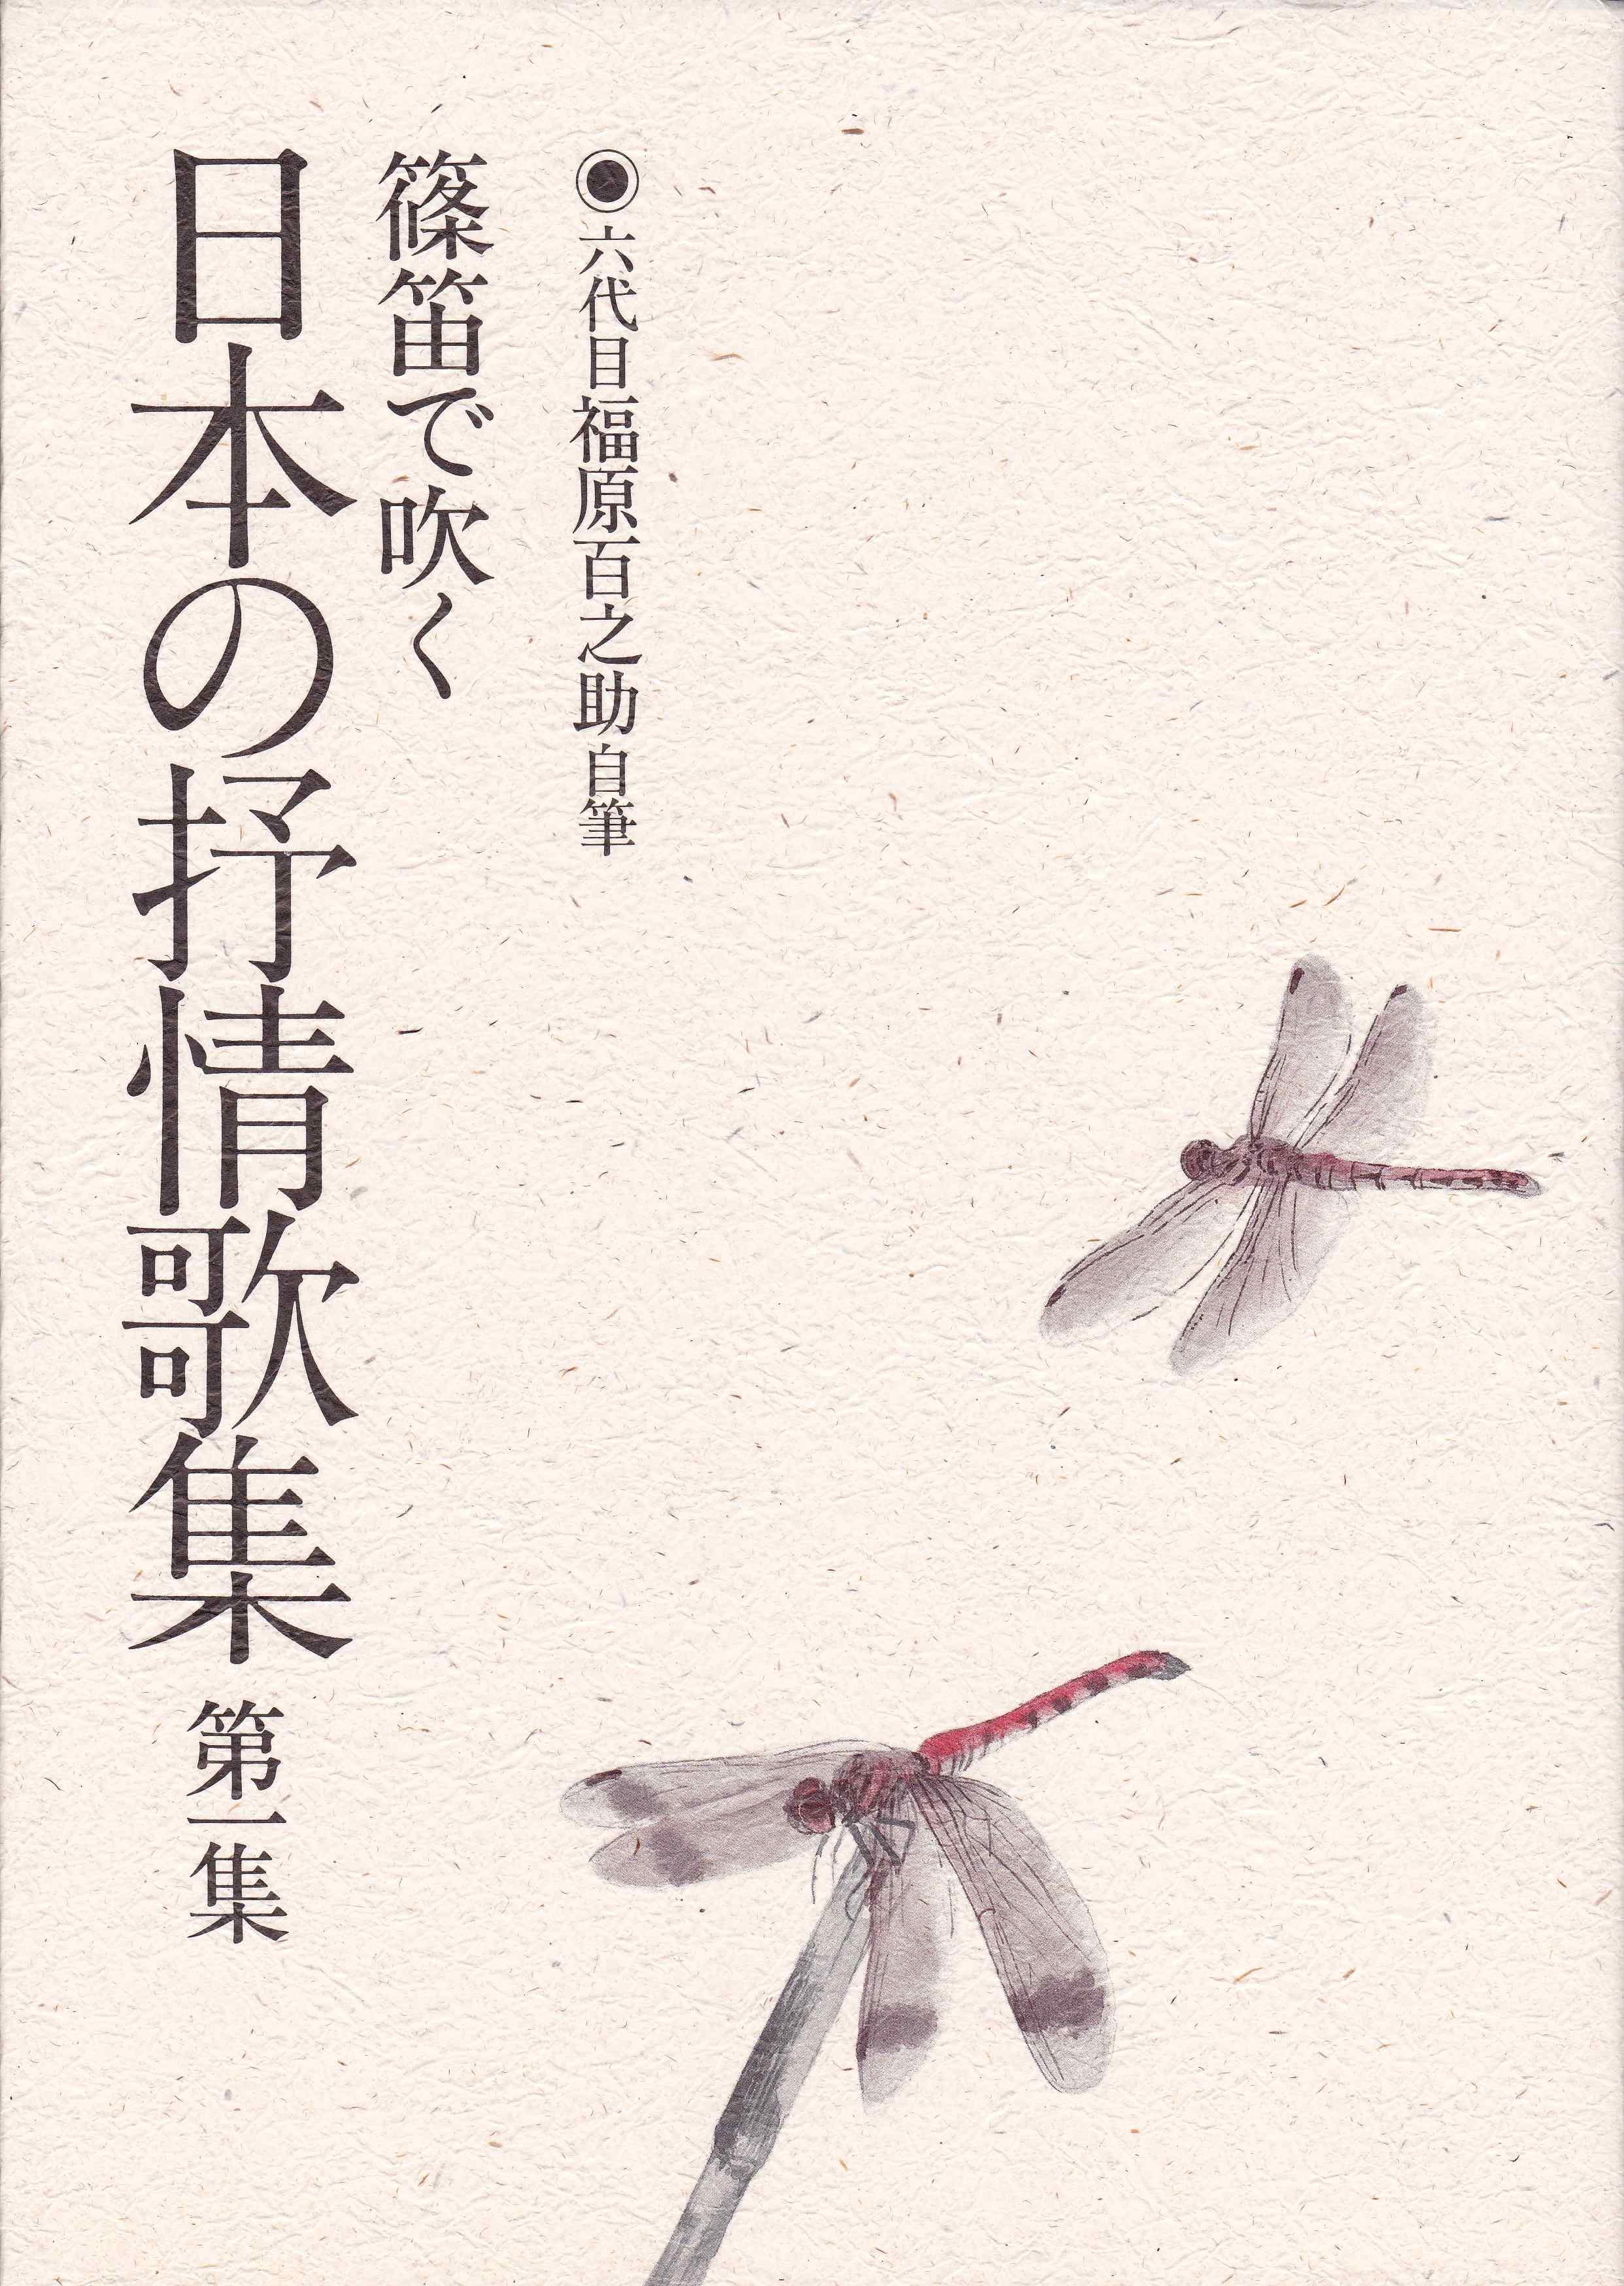 楽譜集 篠笛で吹く 日本の抒情歌集 第一集[5398]